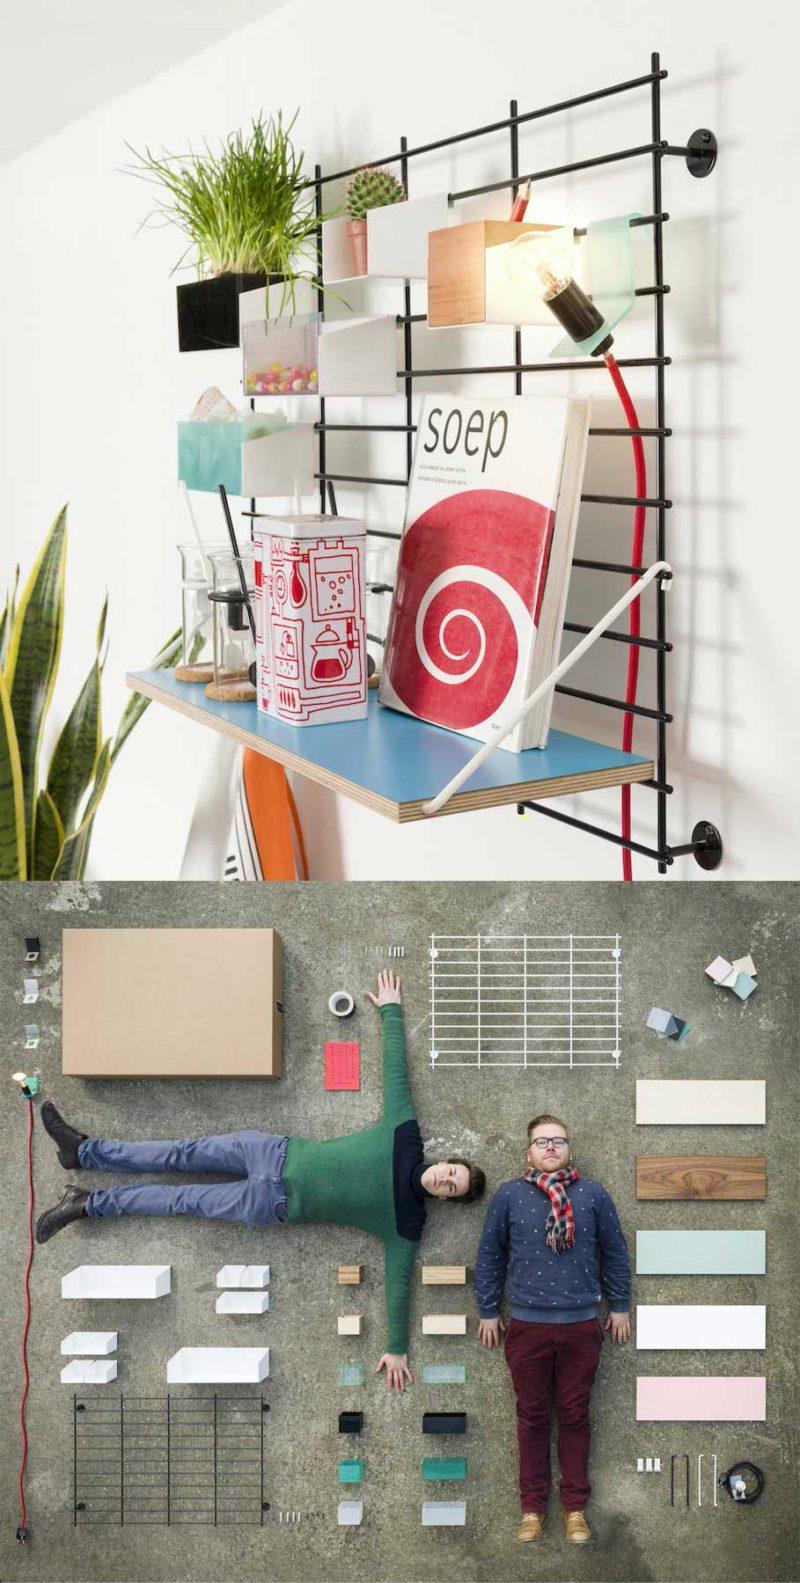 Vide poche mural design par Atelier Belge